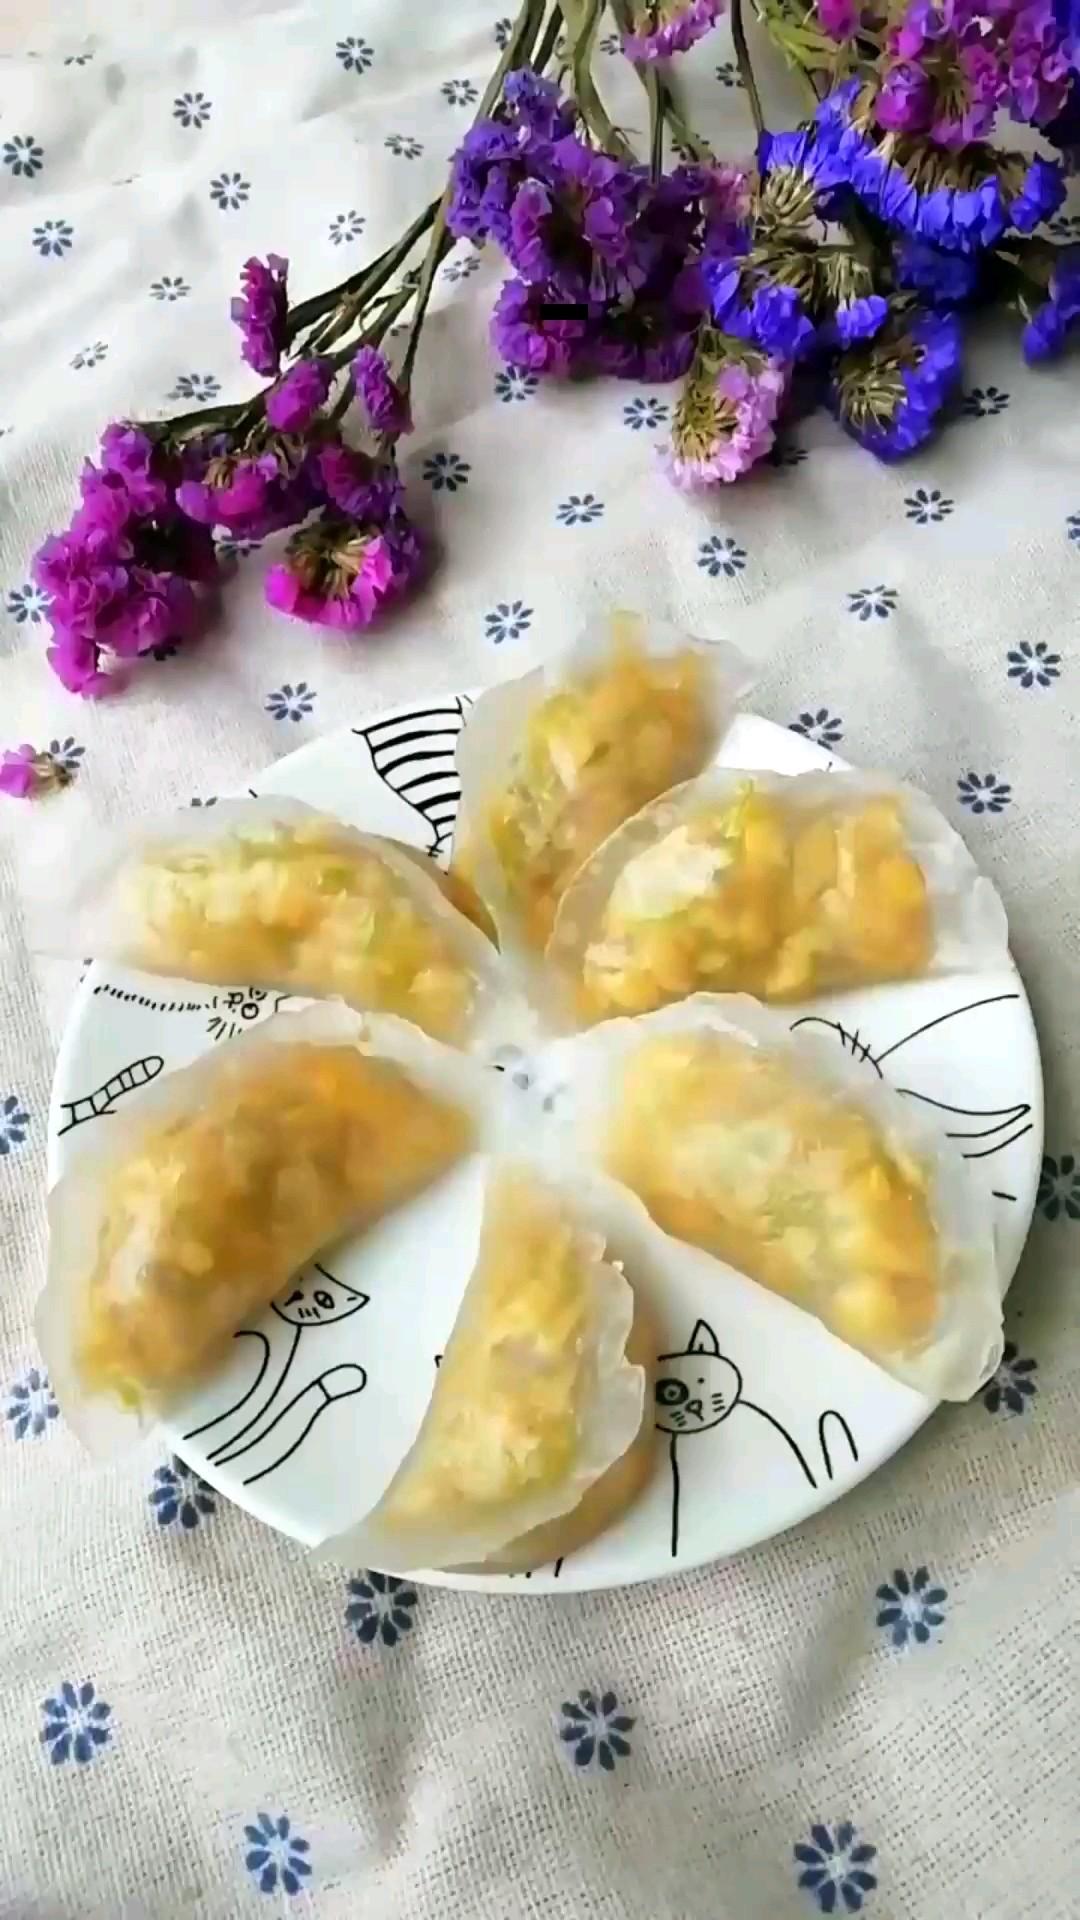 西葫芦鸡蛋馅水晶饺